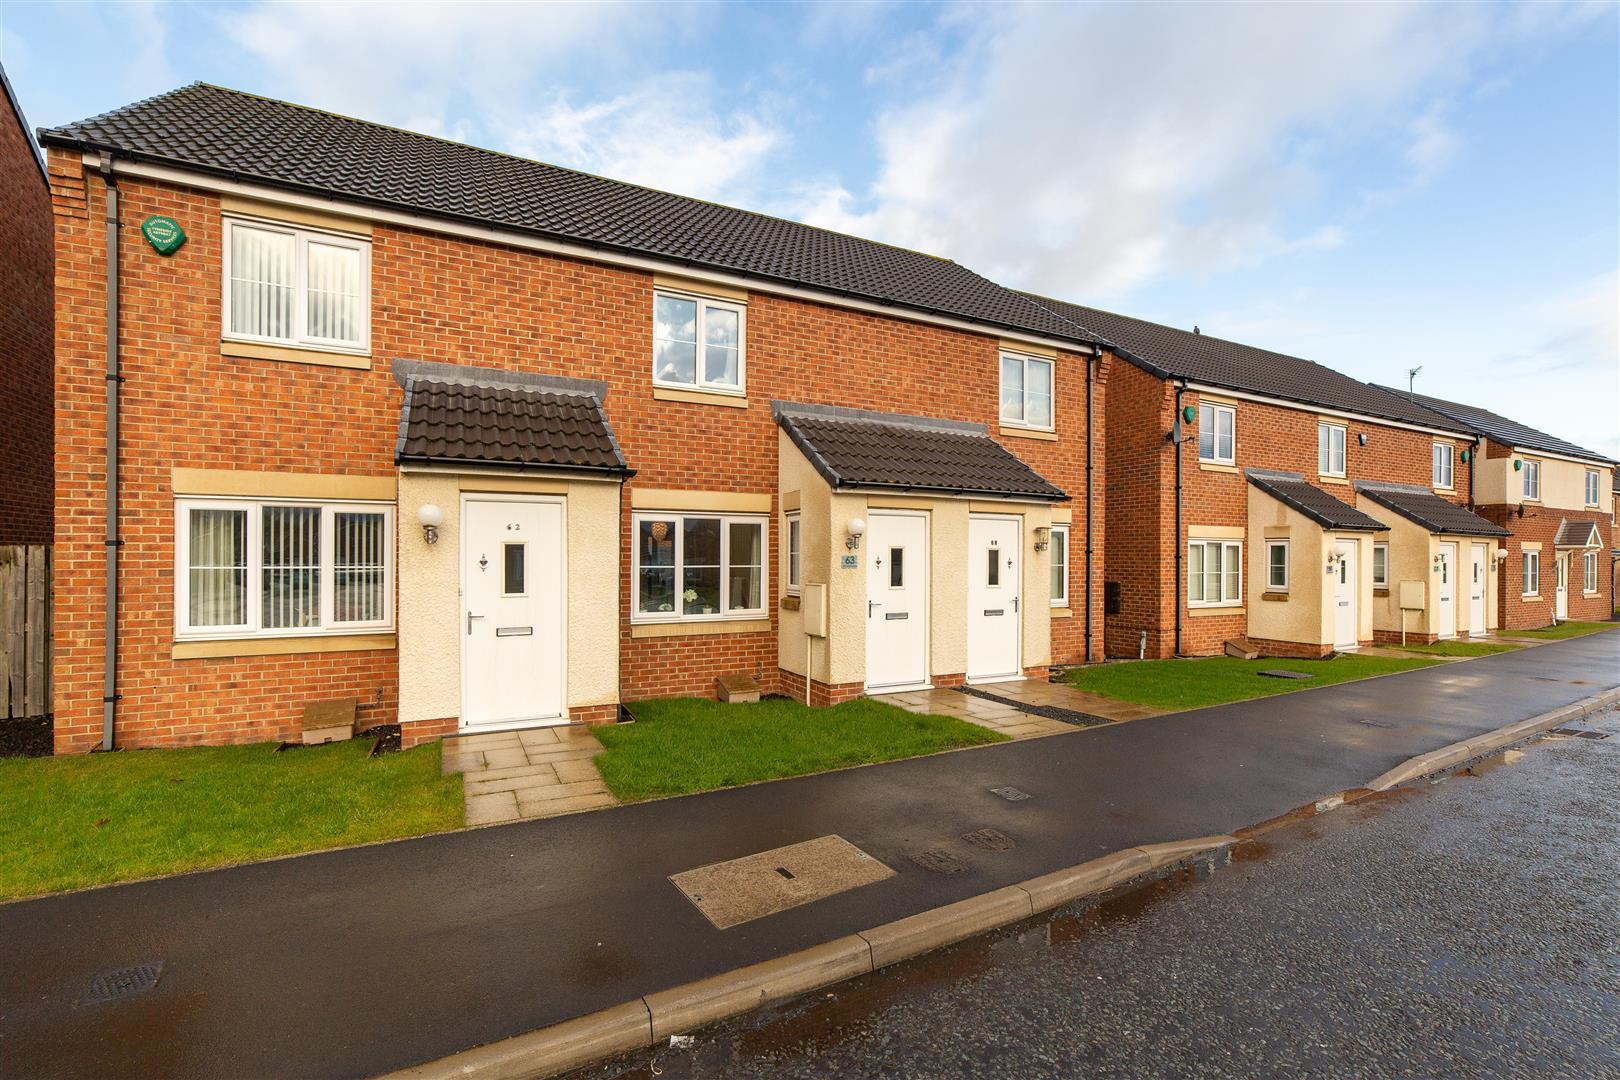 2 bed terraced house for sale in Wideopen, NE13 6LD, NE13